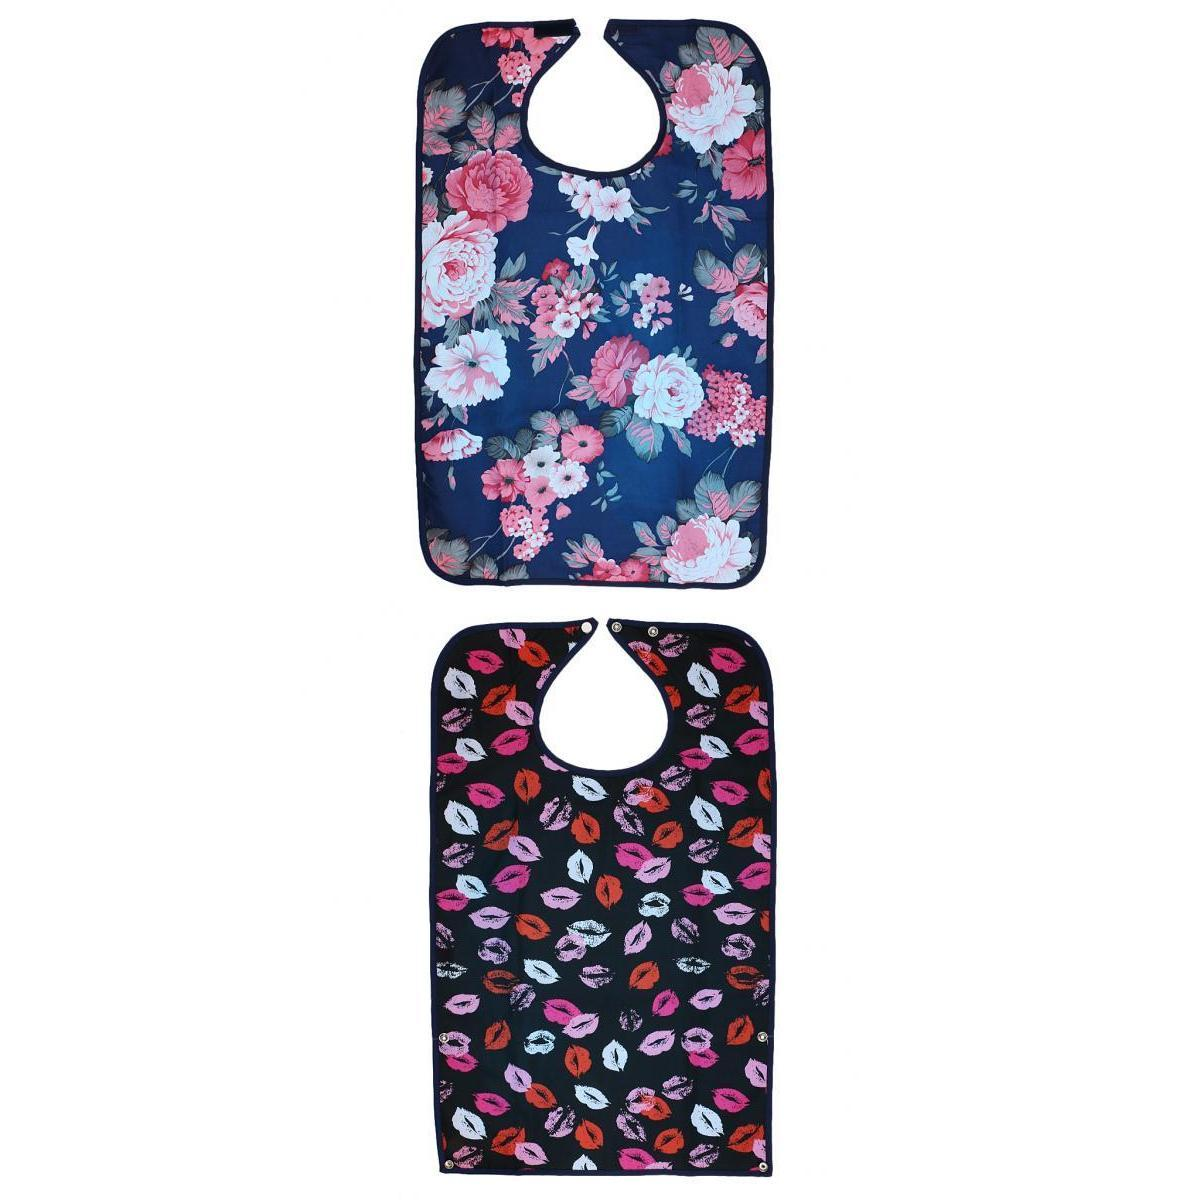 Packung mit 2 Erwachsenen Lätzchen - Wiederverwendbare maschinenwaschbar, Kleidung Mealtime-Schutz, wasserdicht